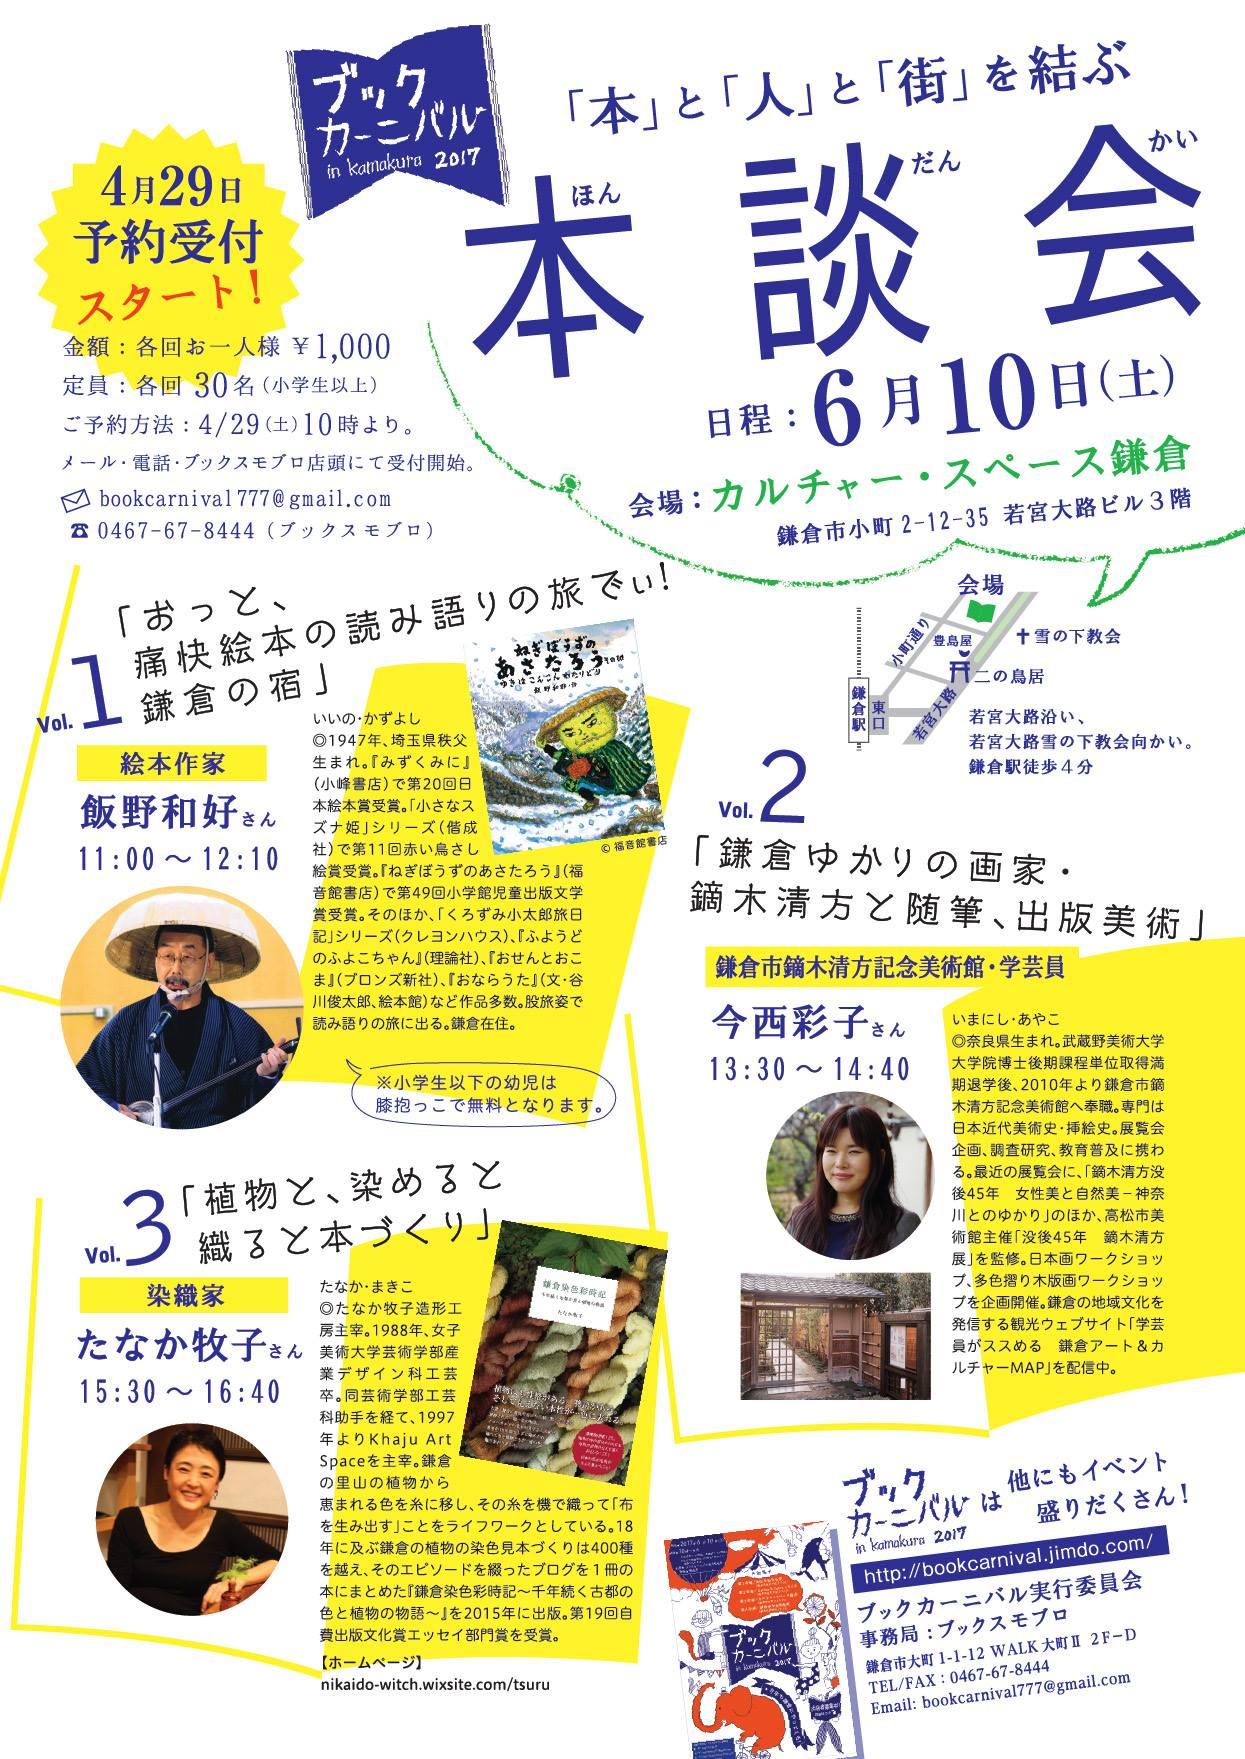 トークイベント「本談会」Vol.3 「植物と、染めると織ると本づくり」 たなか牧子さん(染織家) ブックカーニバル in カマクラ2017